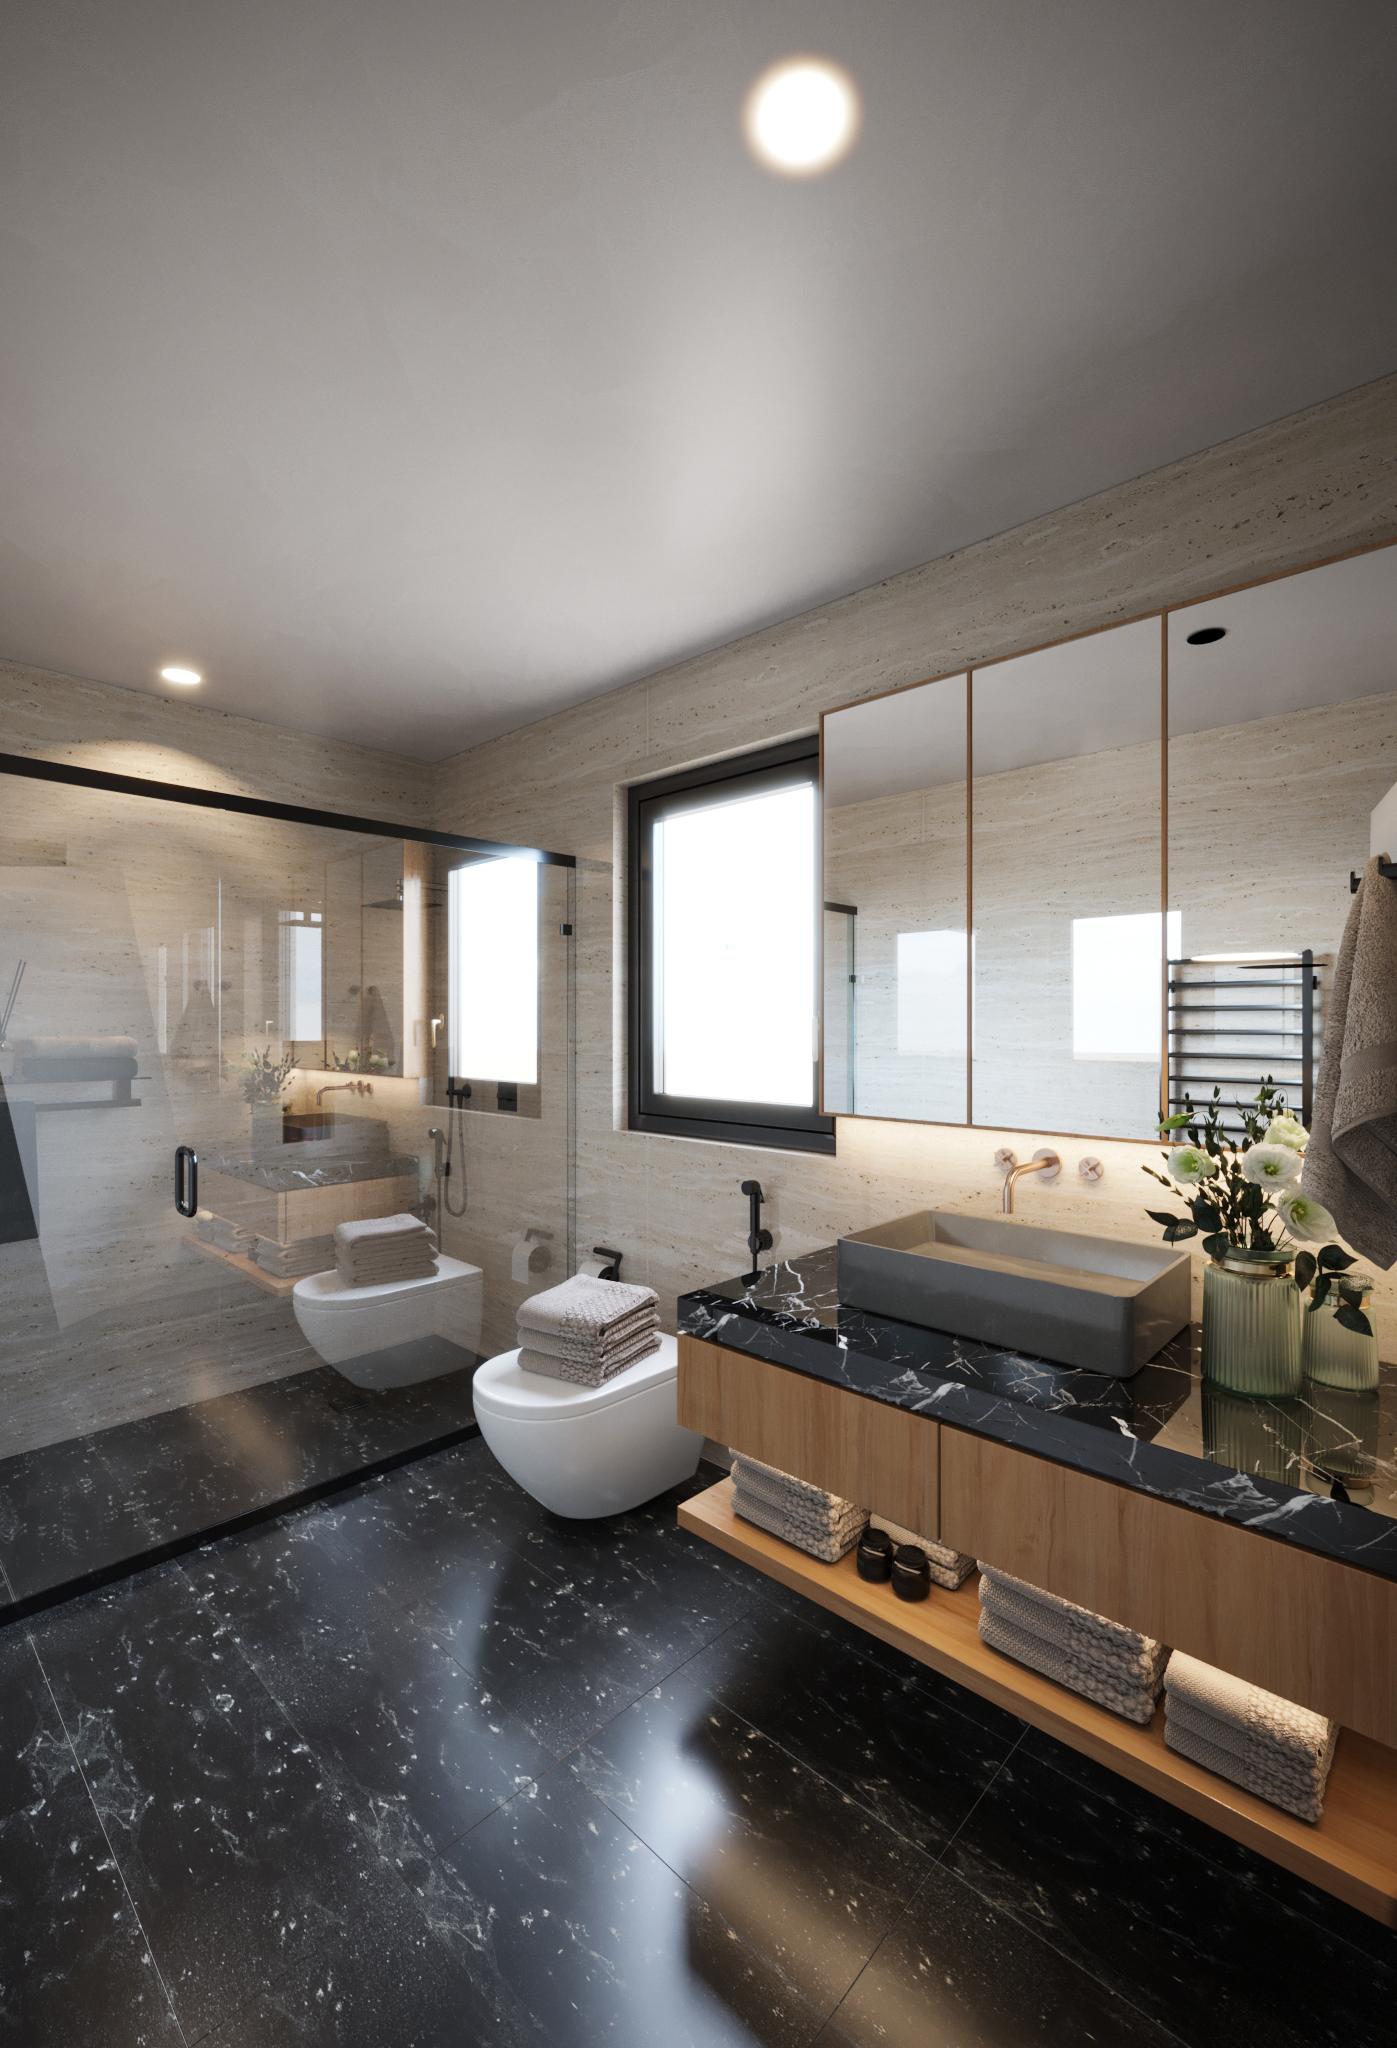 Thiết kế nội thất Biệt Thự tại Bà Rịa - Vũng Tàu Villa VungTau 1601523493 0